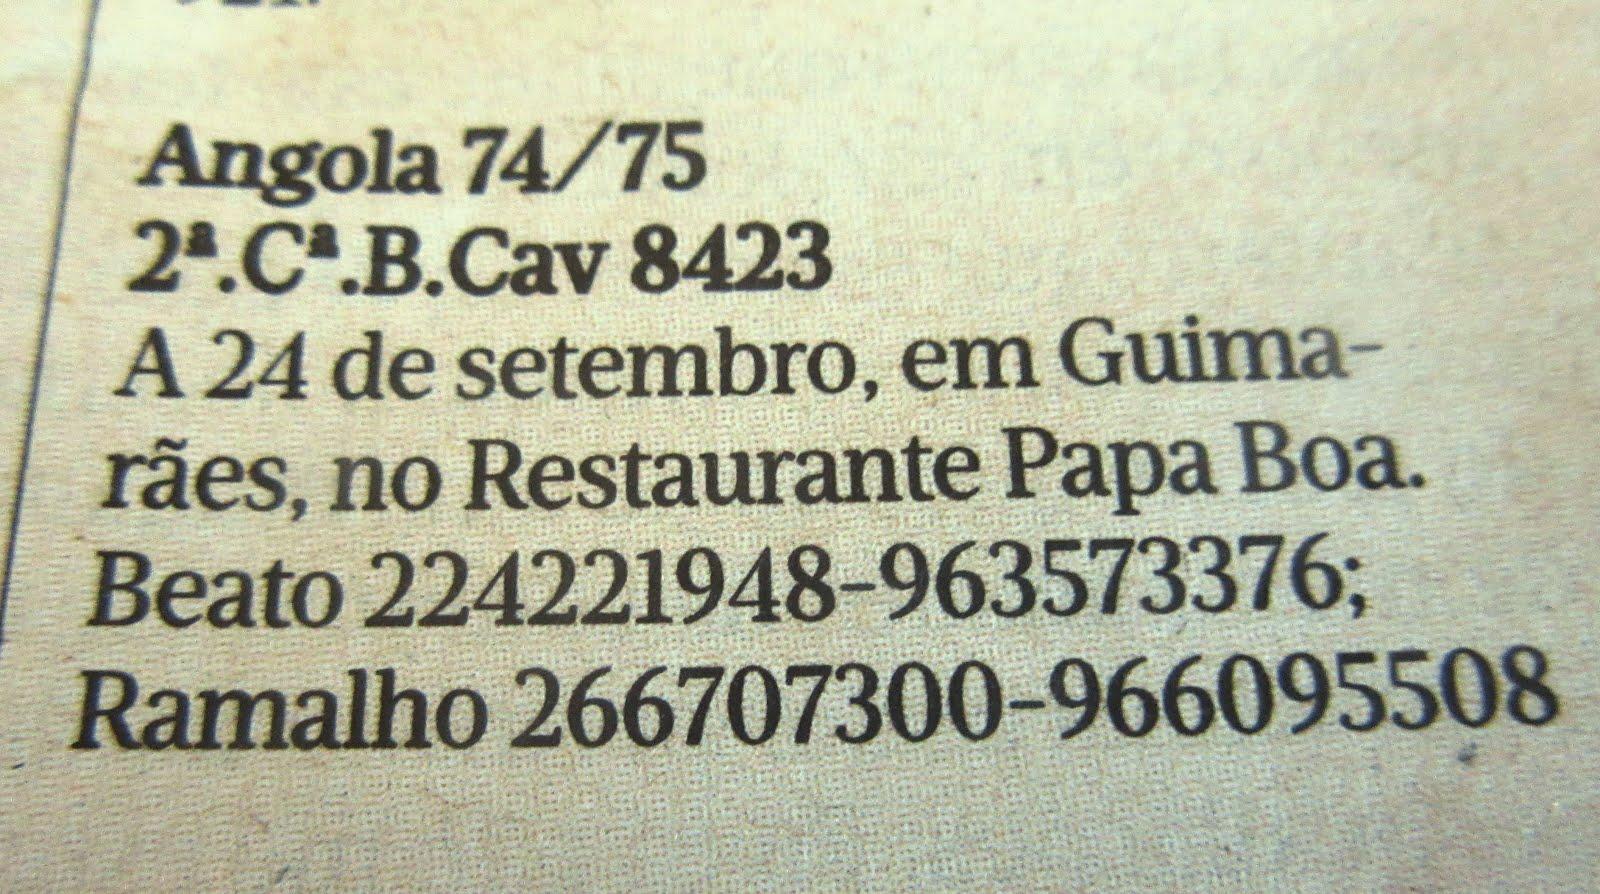 CAVALEIROS DO NORTE DE ALDEIA VIÇOSA CONFRATERNIZAM EM GUIMARÃES!